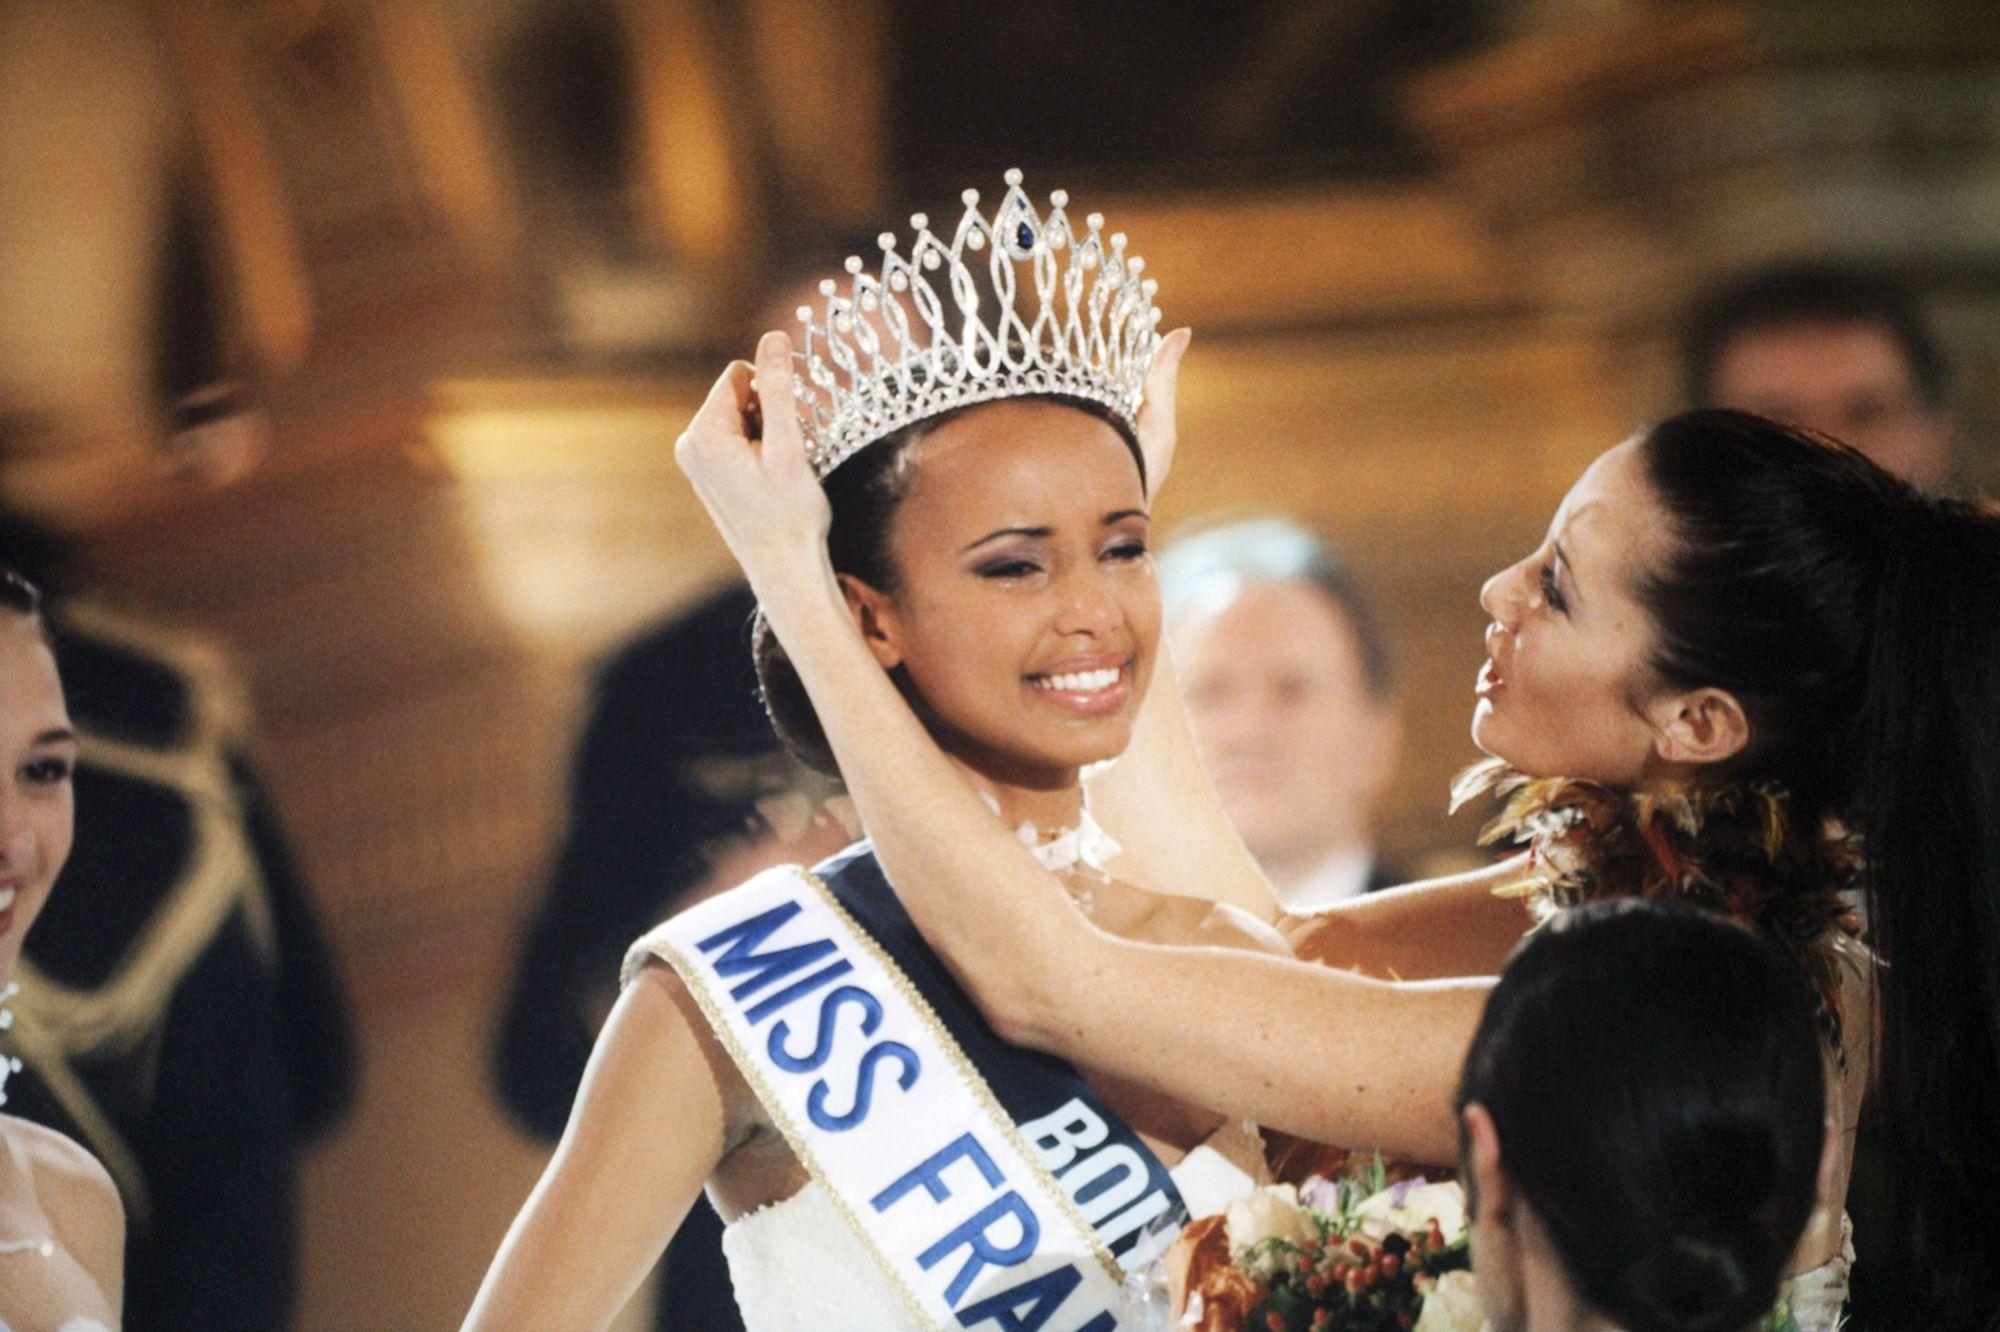 Quand Sonia Rolland était élue Miss France 2000